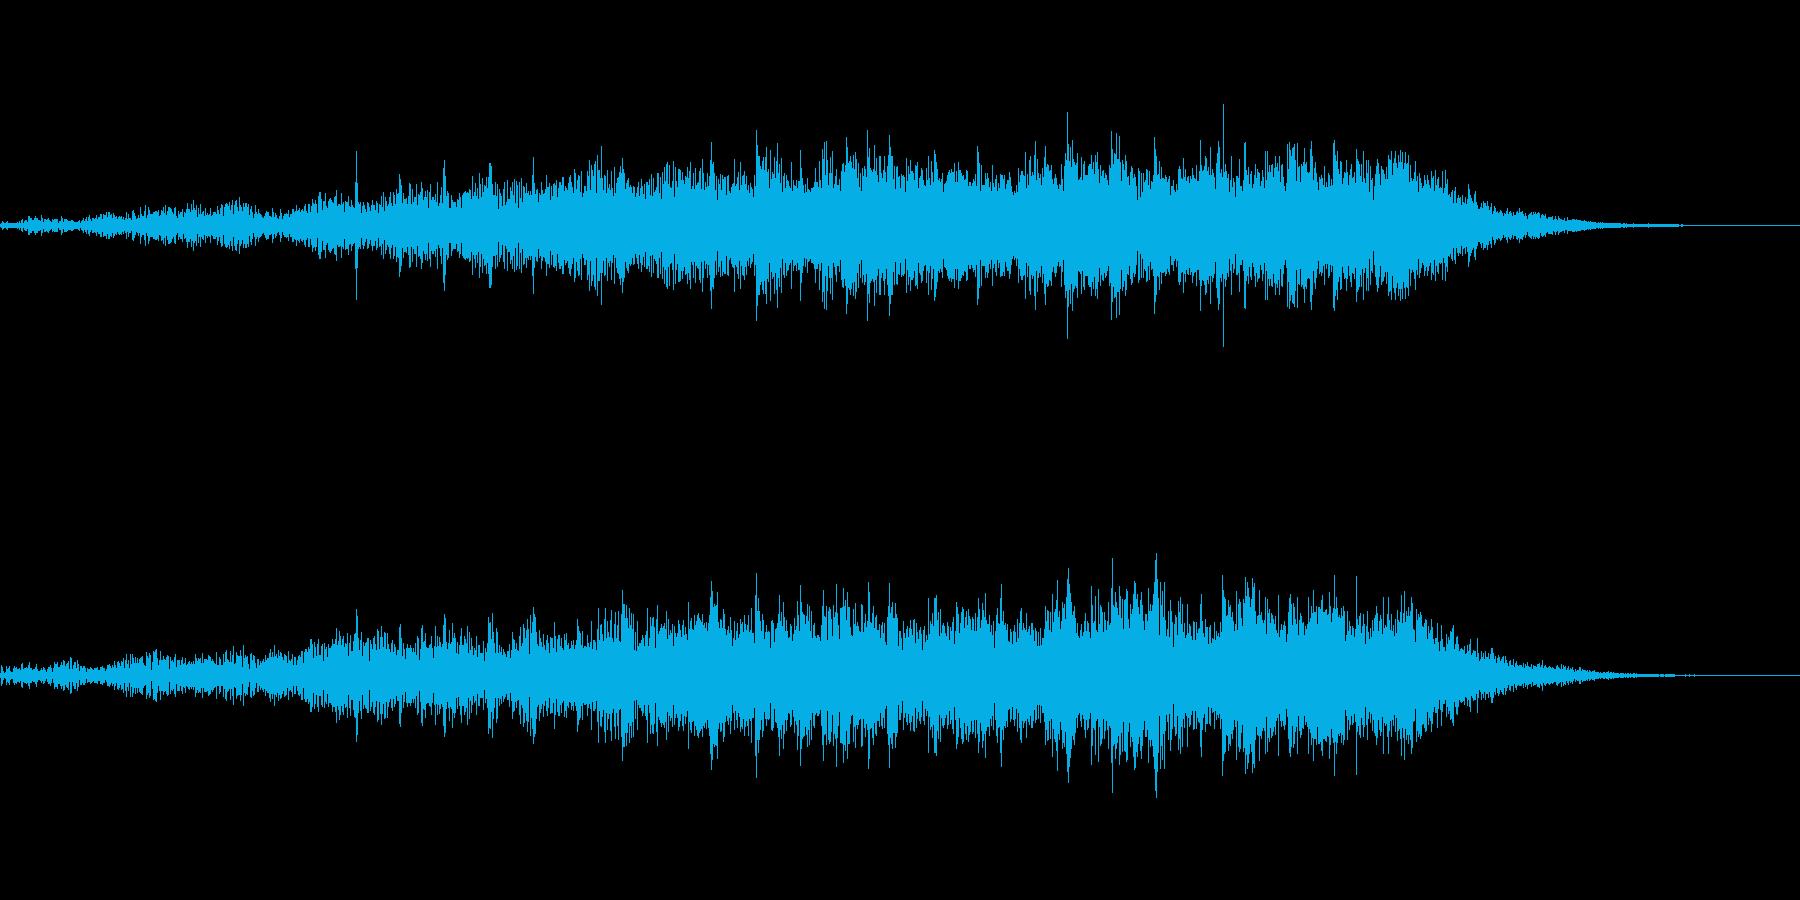 企業・サウンドロゴ・アイキャッチ10の再生済みの波形